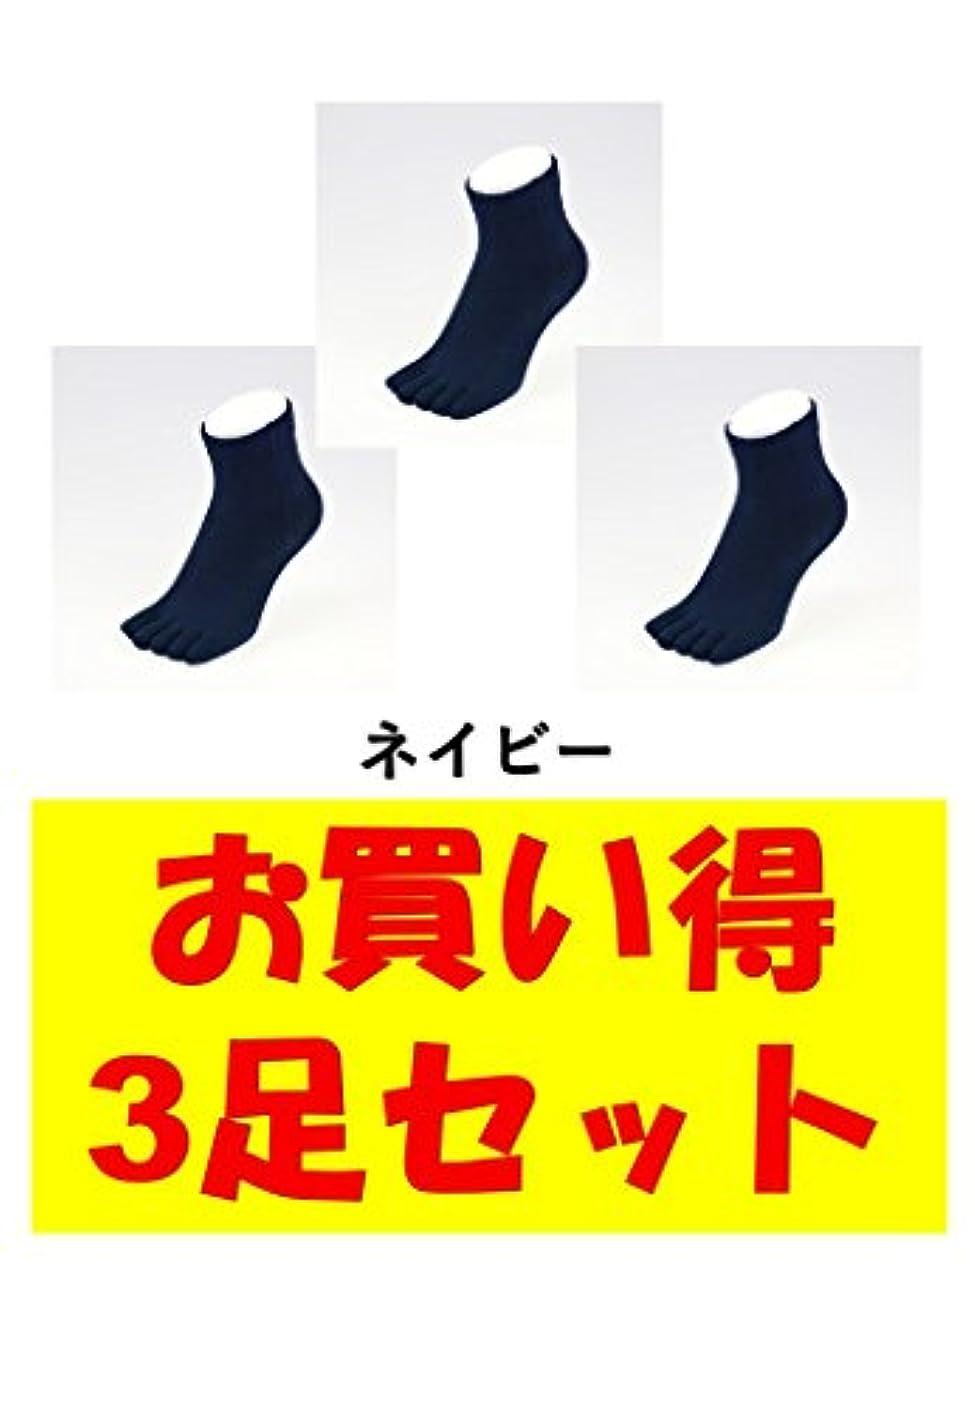 敷居こねる自信があるお買い得3足セット 5本指 ゆびのばソックス Neo EVE(イヴ) ネイビー Sサイズ(21.0cm - 24.0cm) YSNEVE-NVY